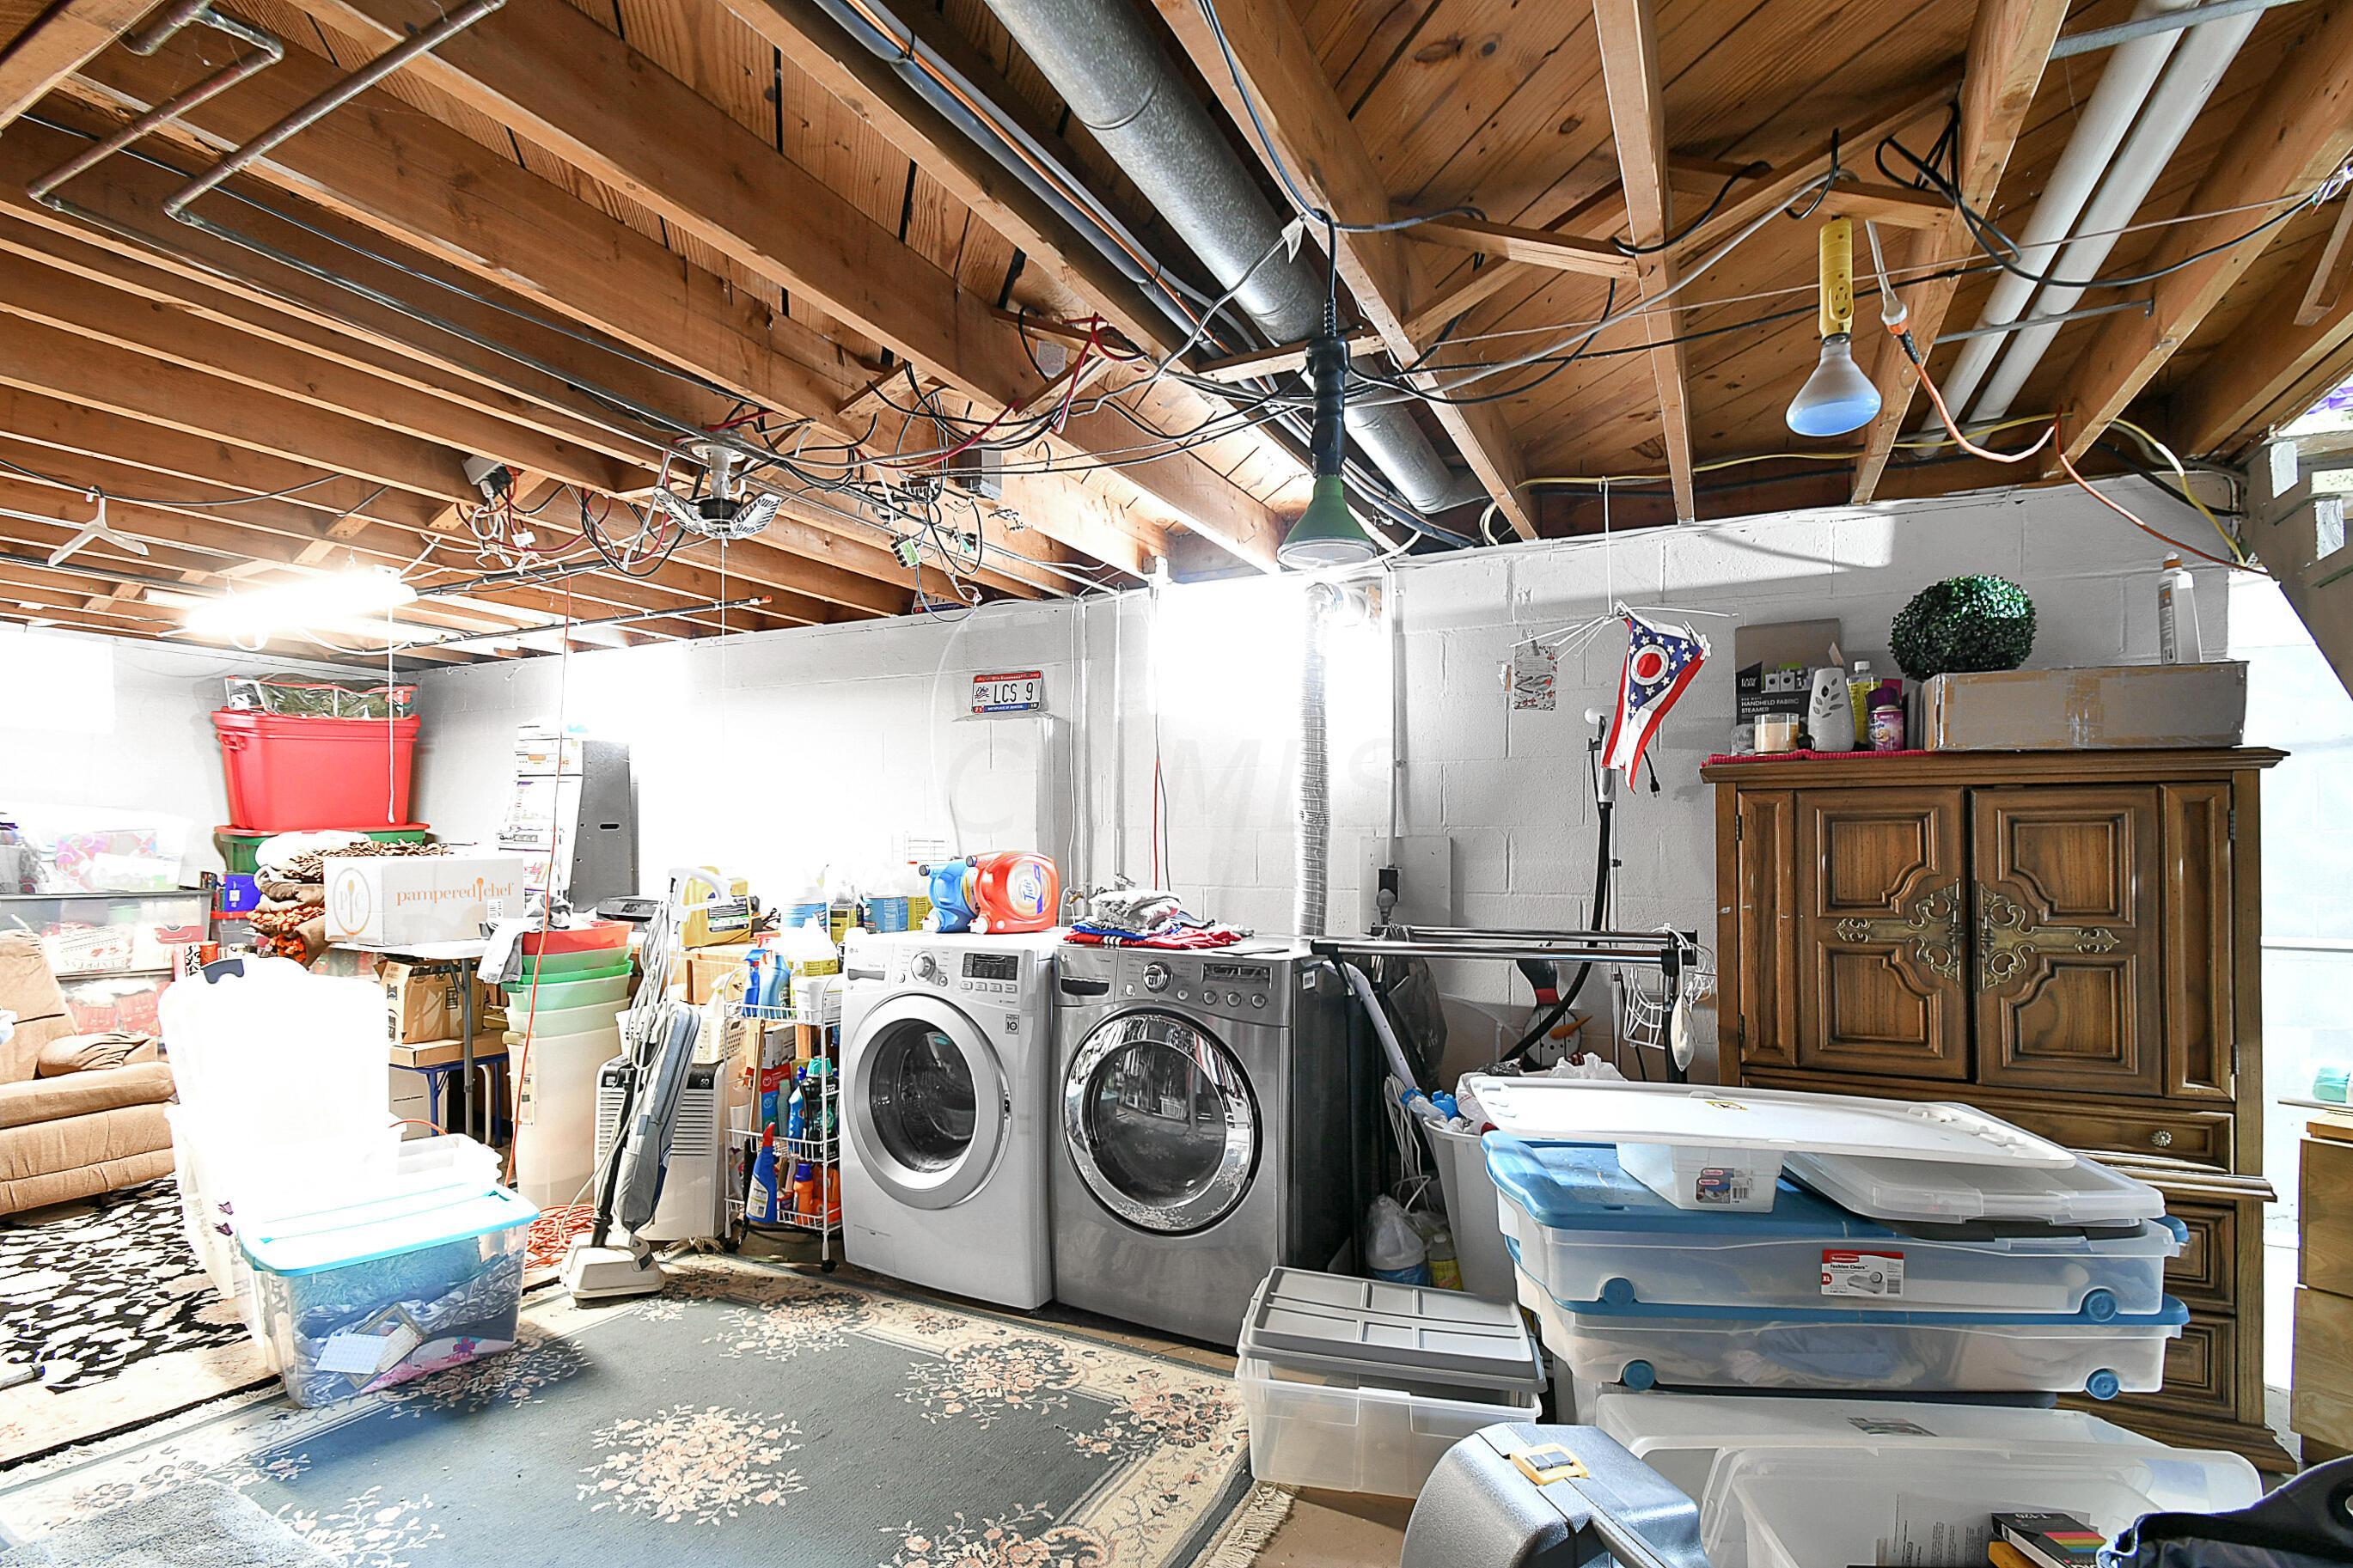 Full basement